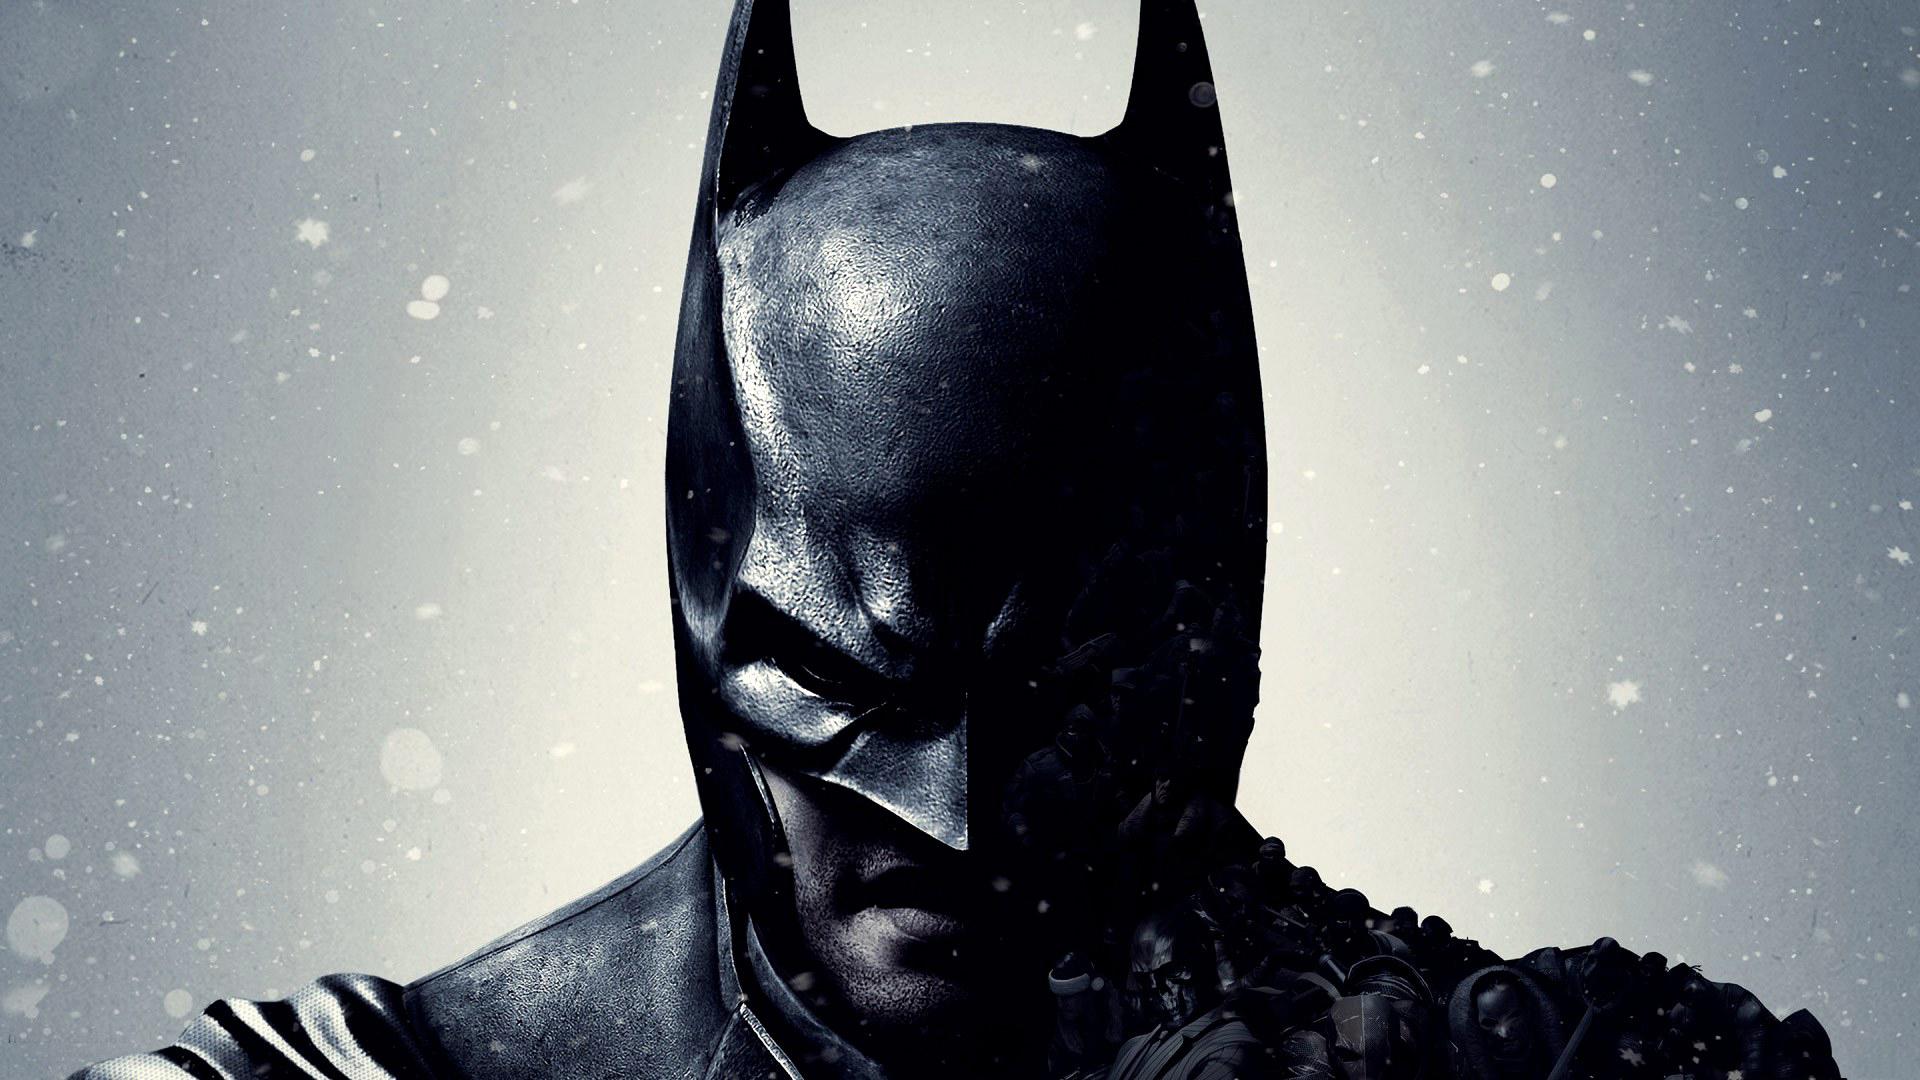 batman arkham origins wp - photo #31